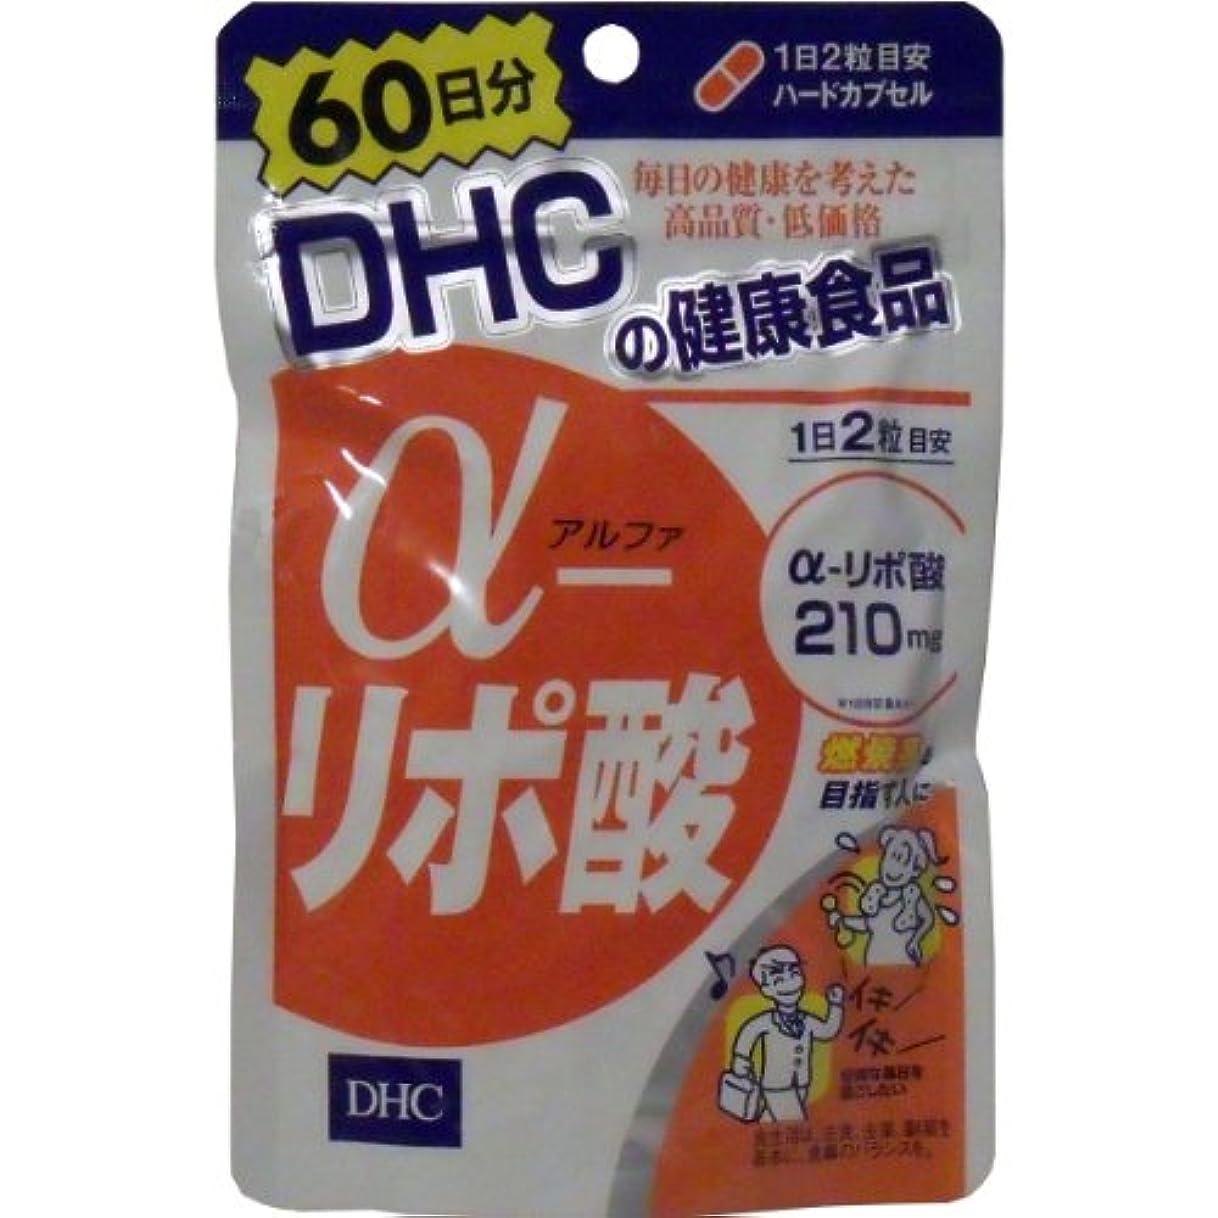 剃る矛盾するウェーハα-リポ酸は、もともと体内にあるエネルギー活性成分。サプリメントでの効率的な補給がおすすめ!DHC120粒 60日分 【5個セット】